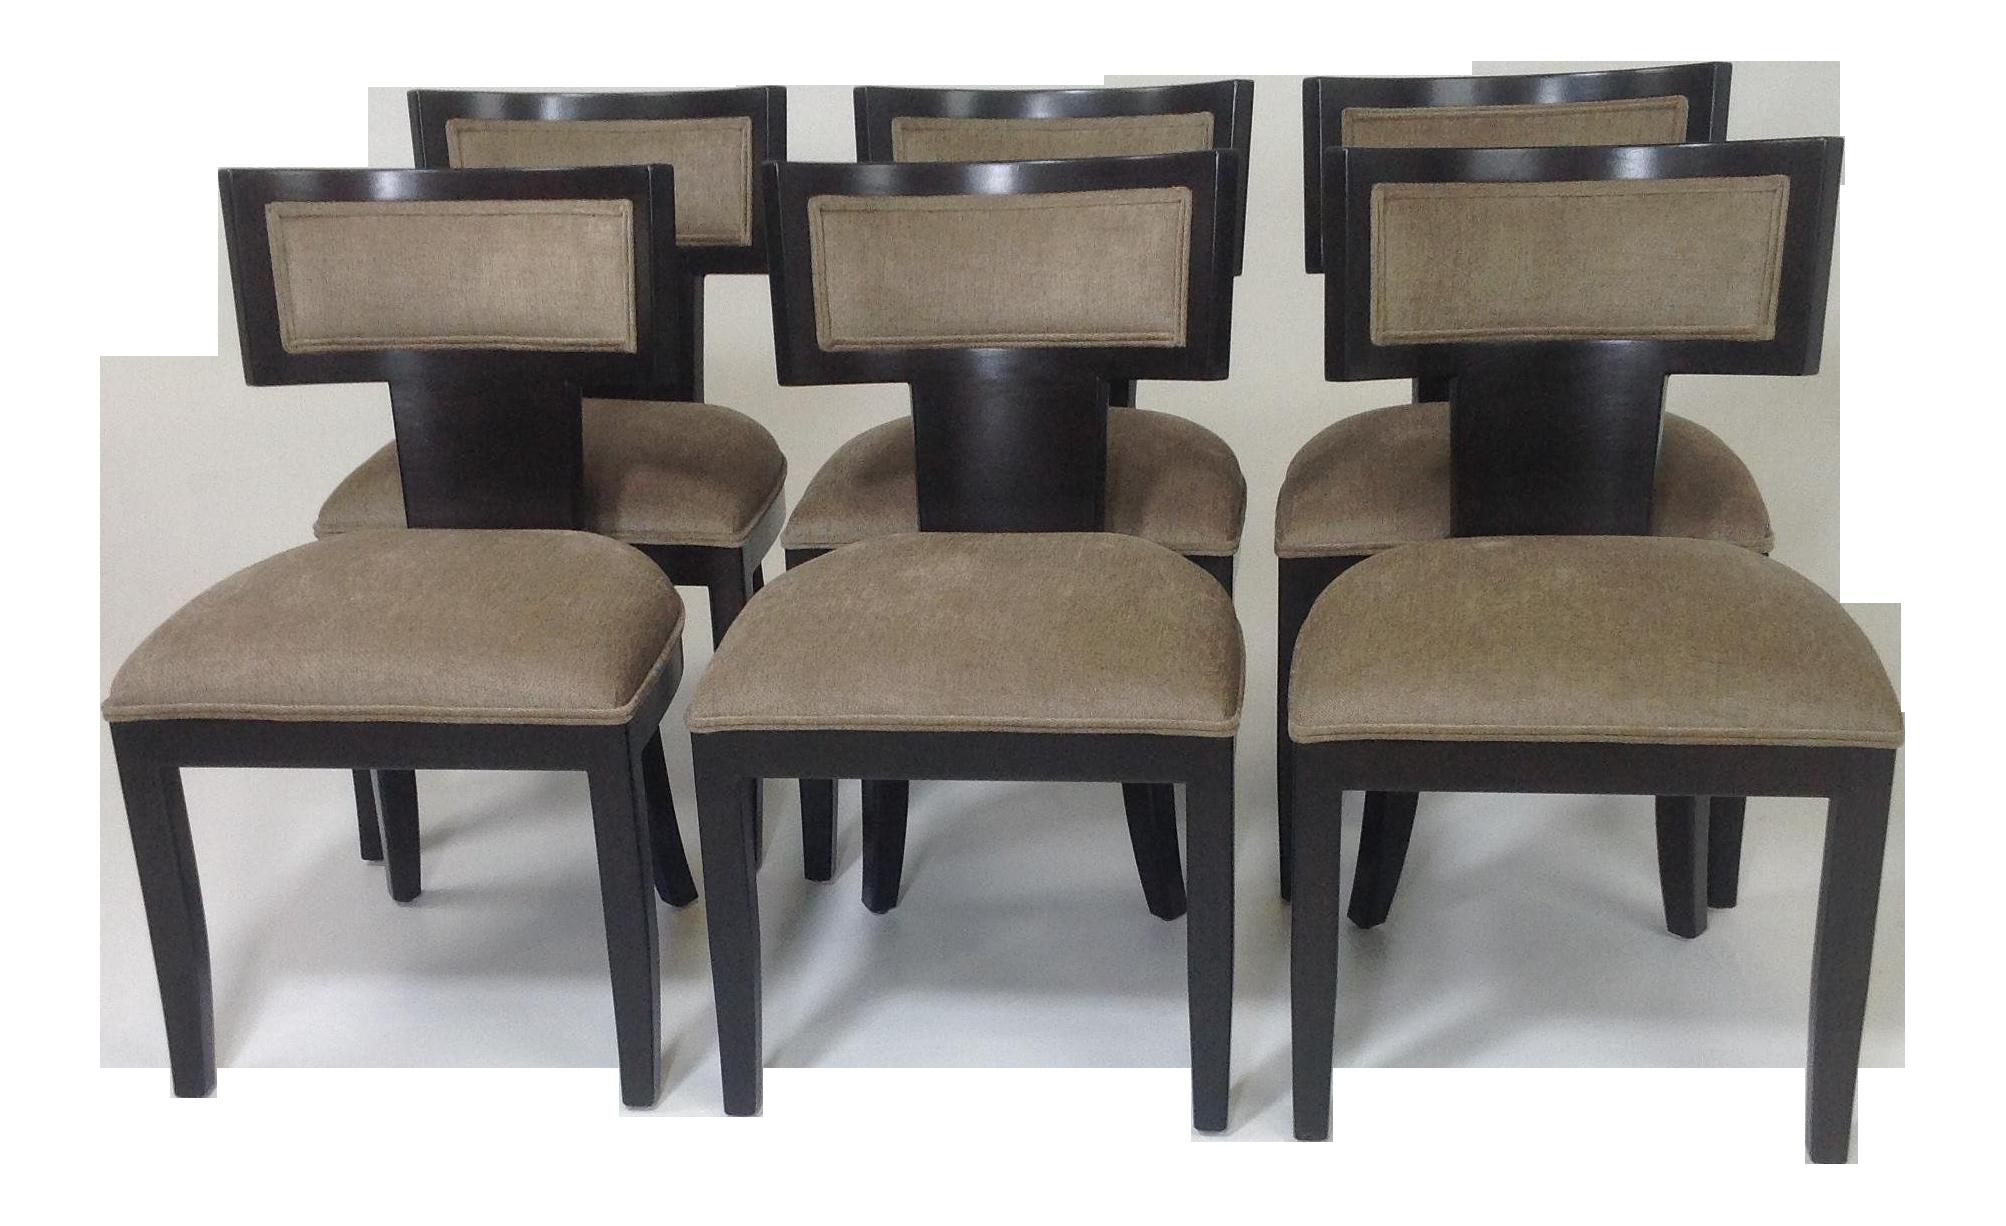 Astounding Mid Century Modern Klismos Dining Chairs Set Of 6 Austin Unemploymentrelief Wooden Chair Designs For Living Room Unemploymentrelieforg